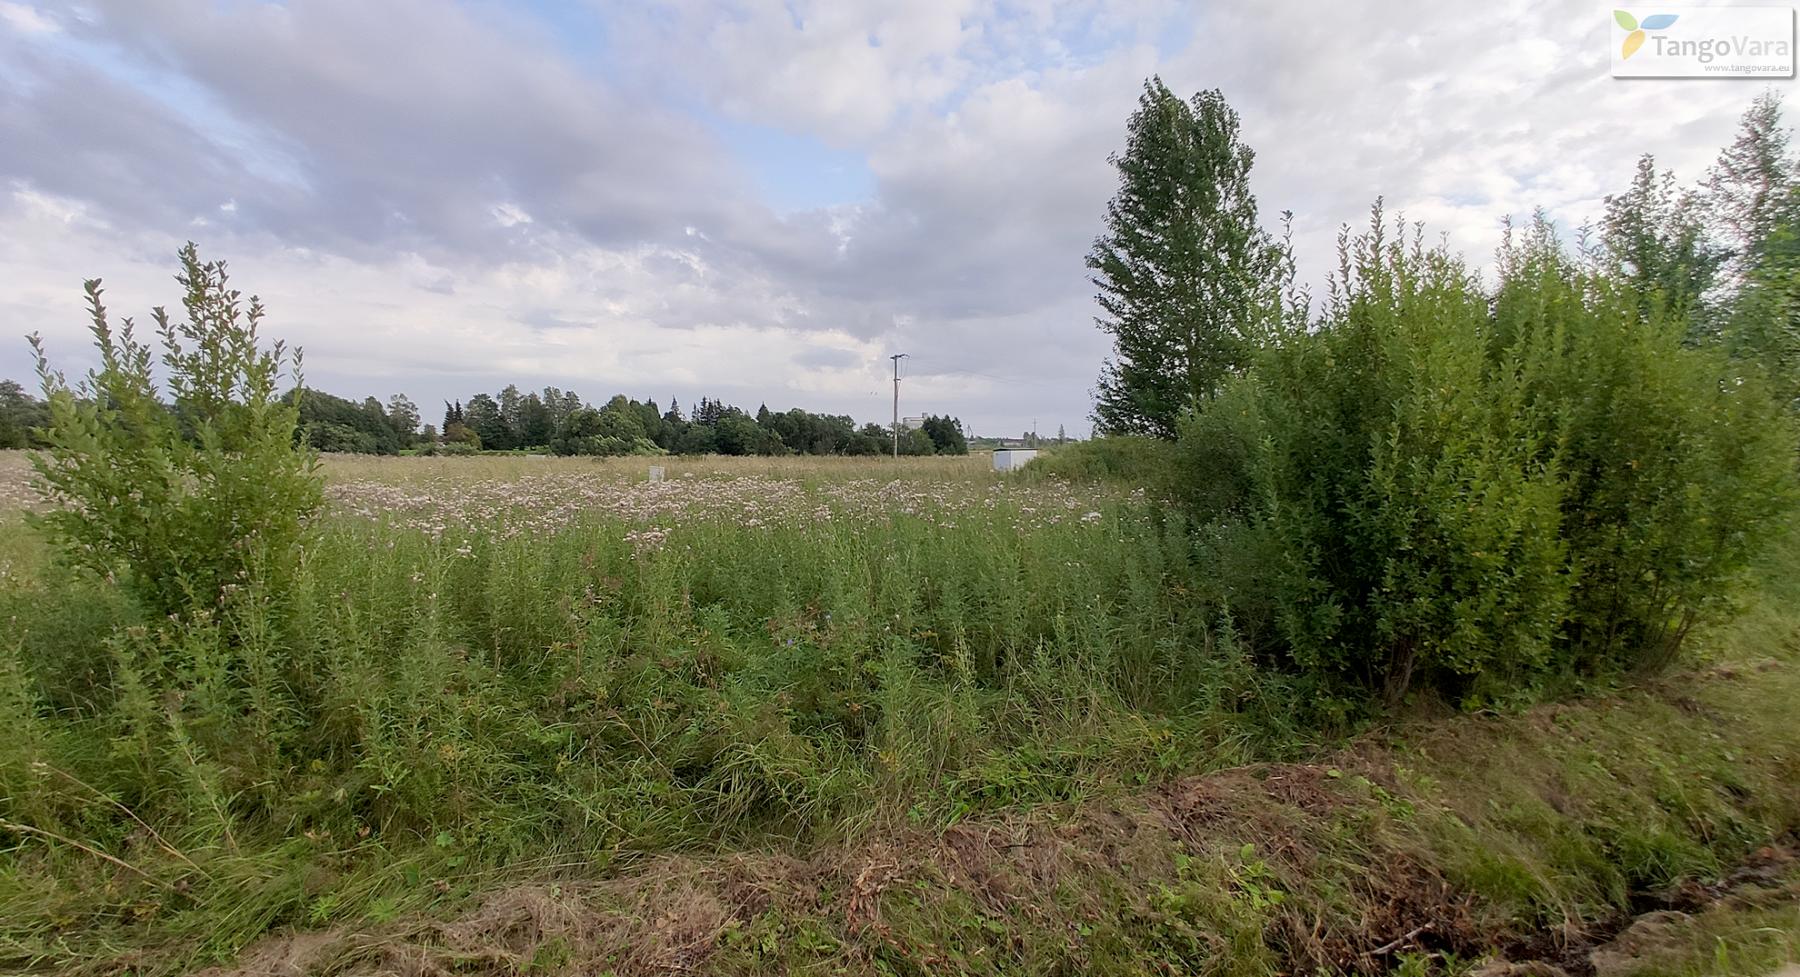 Nurme-raudrohu_Pärnumaa_ves-1